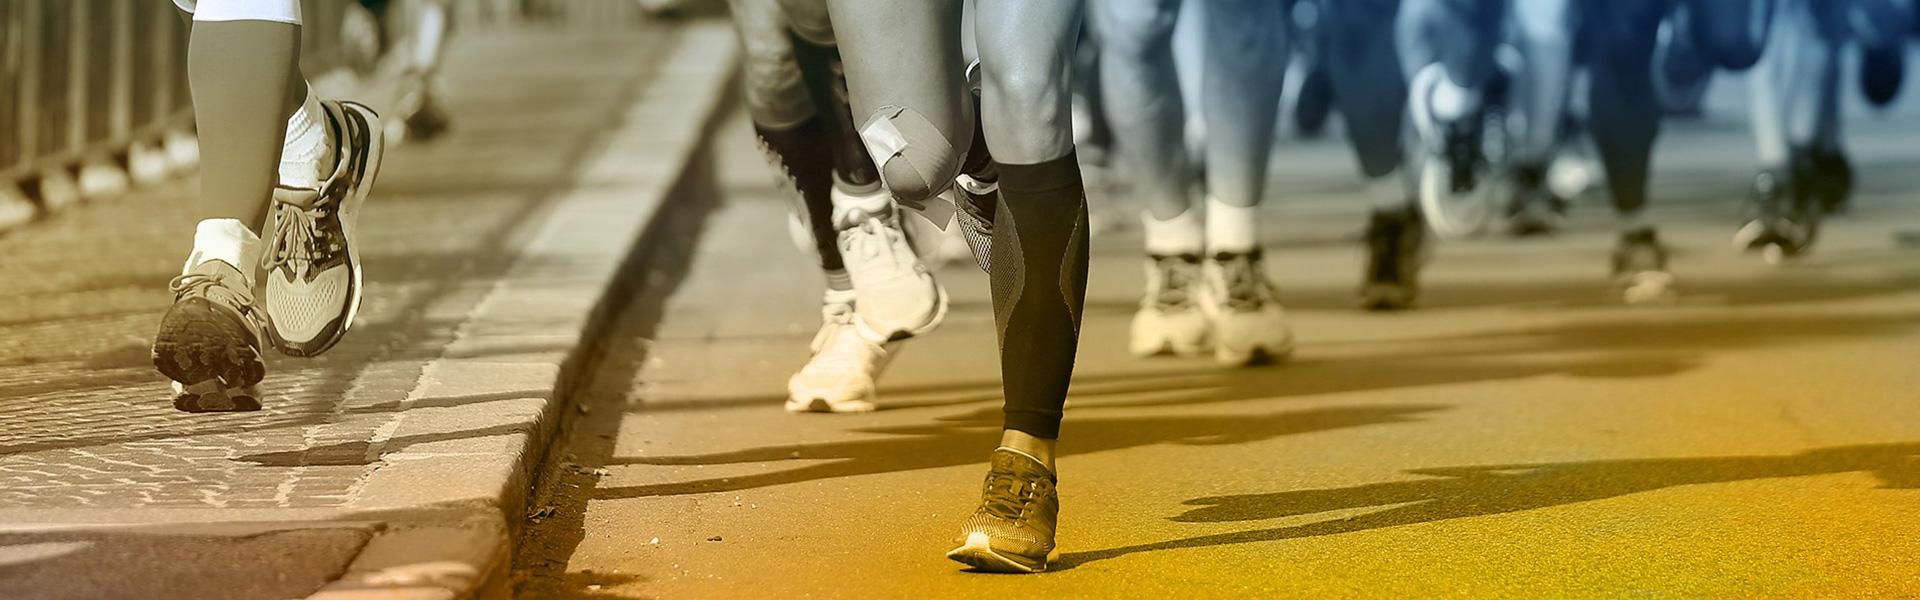 Acea Run4Rome, la maratona in staffetta solidale e per tutti apre le iscrizioni